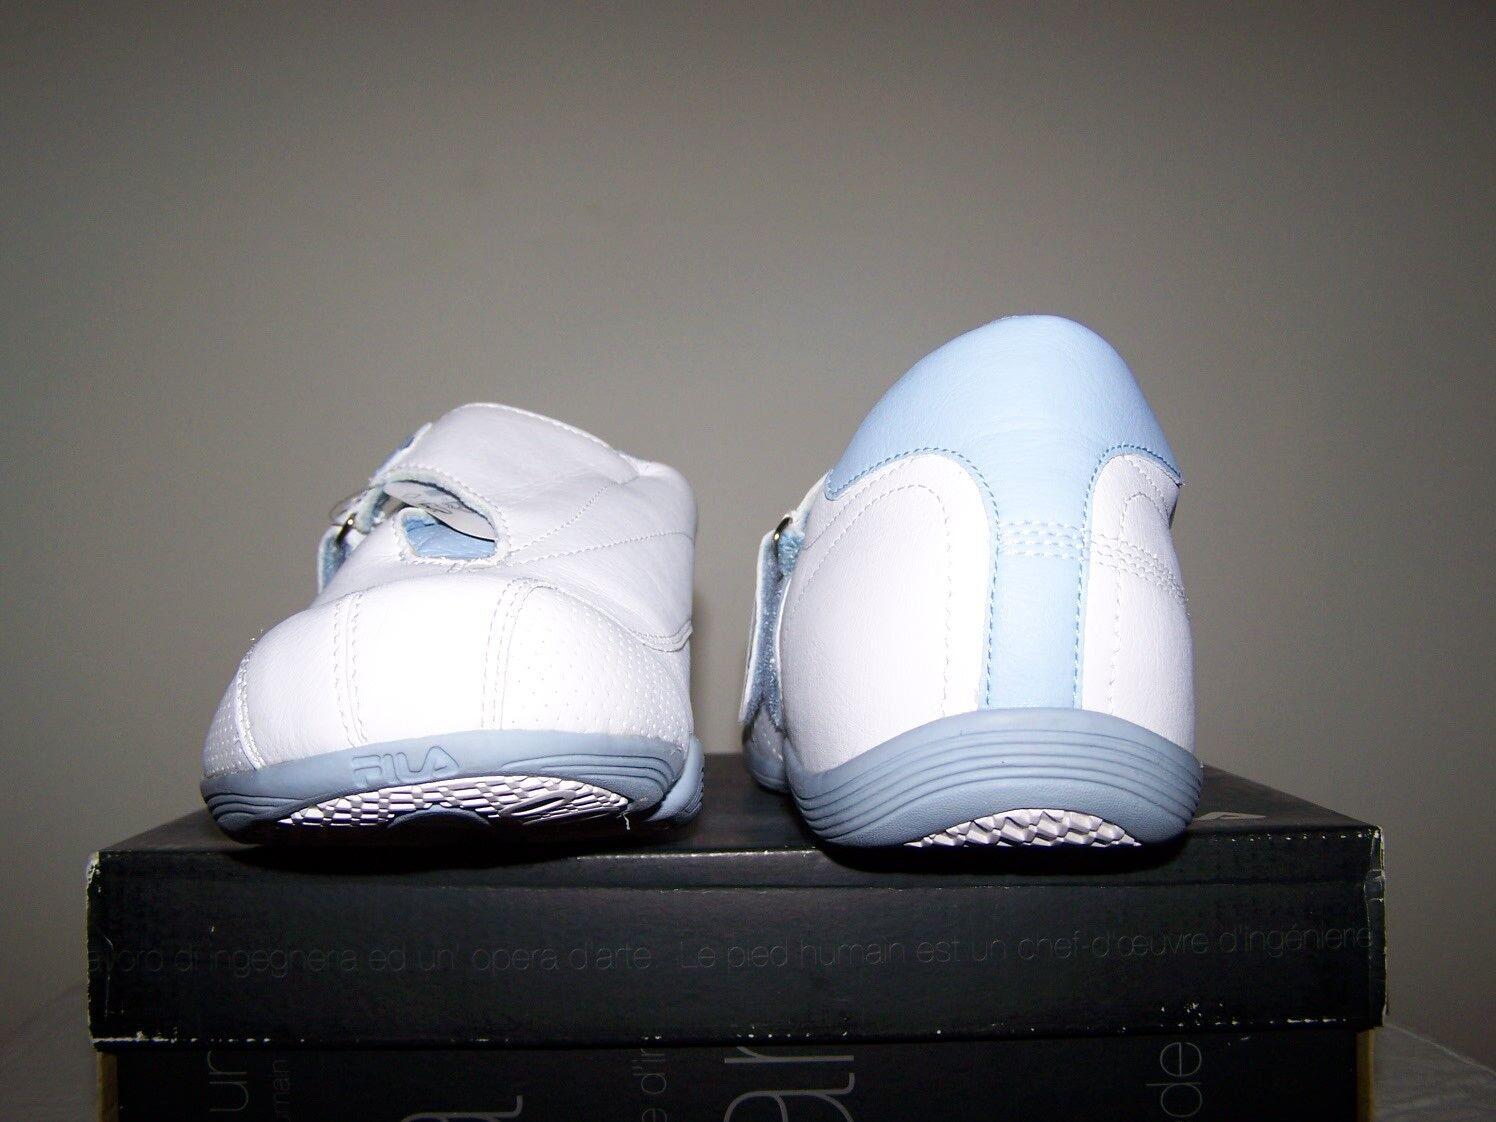 reputable site 9602f 98140 ... Mujer Talla 11 nueva fila armonia blanco blanco blanco azul zapatos de  cuero con ajuste especial